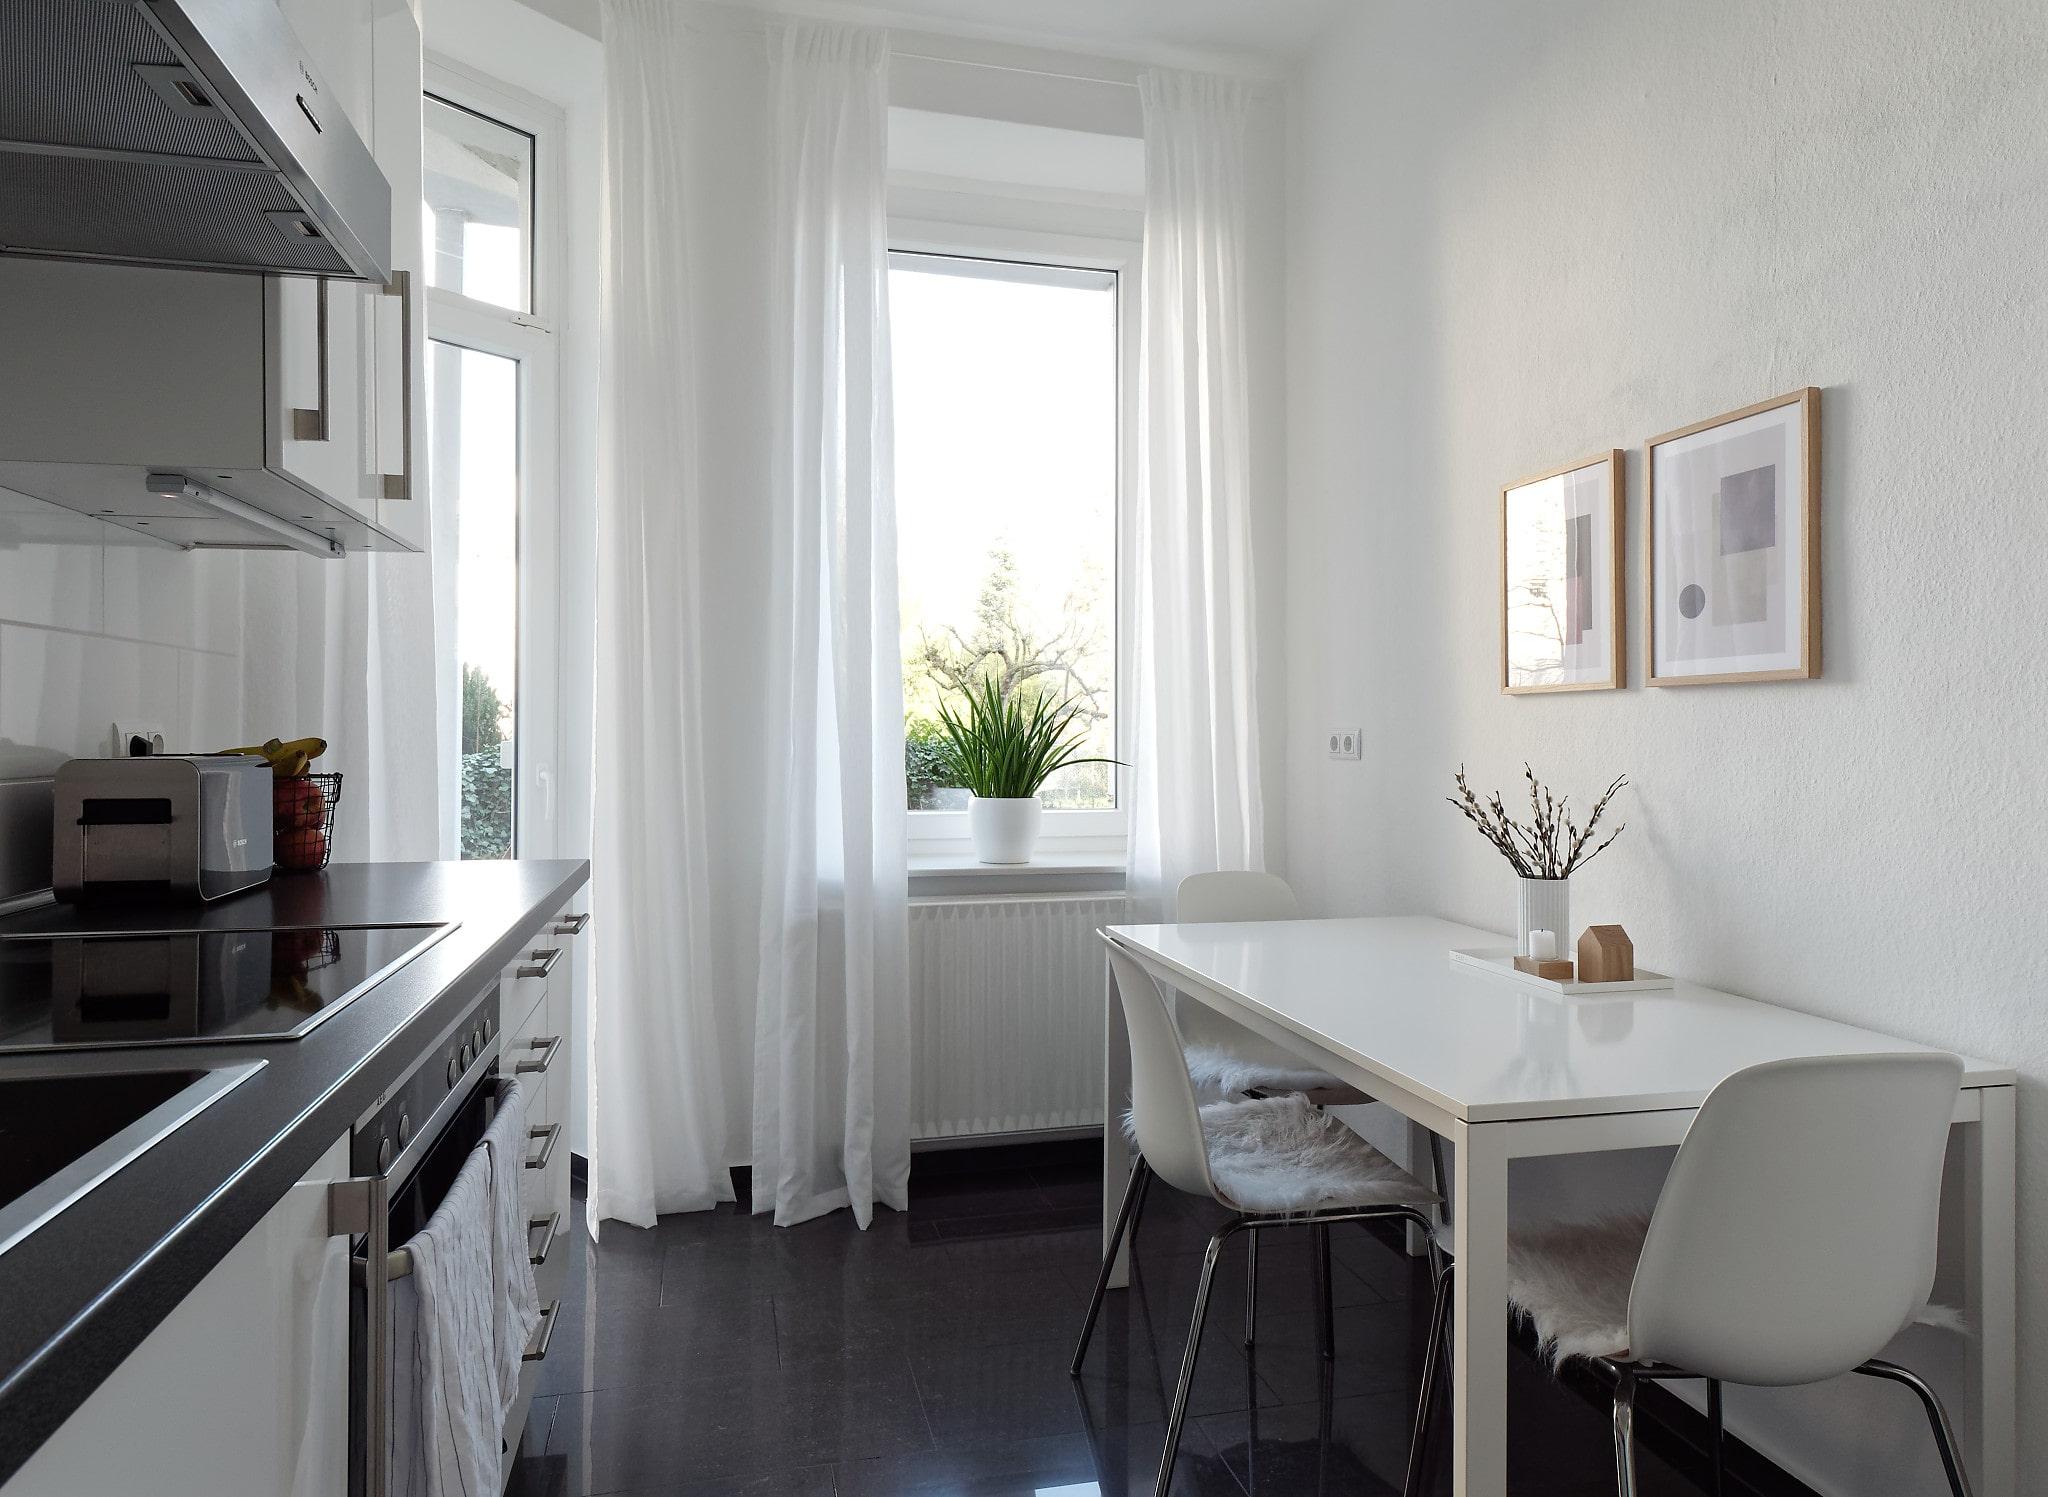 Küche in den Farben weiß, grau und schwarz